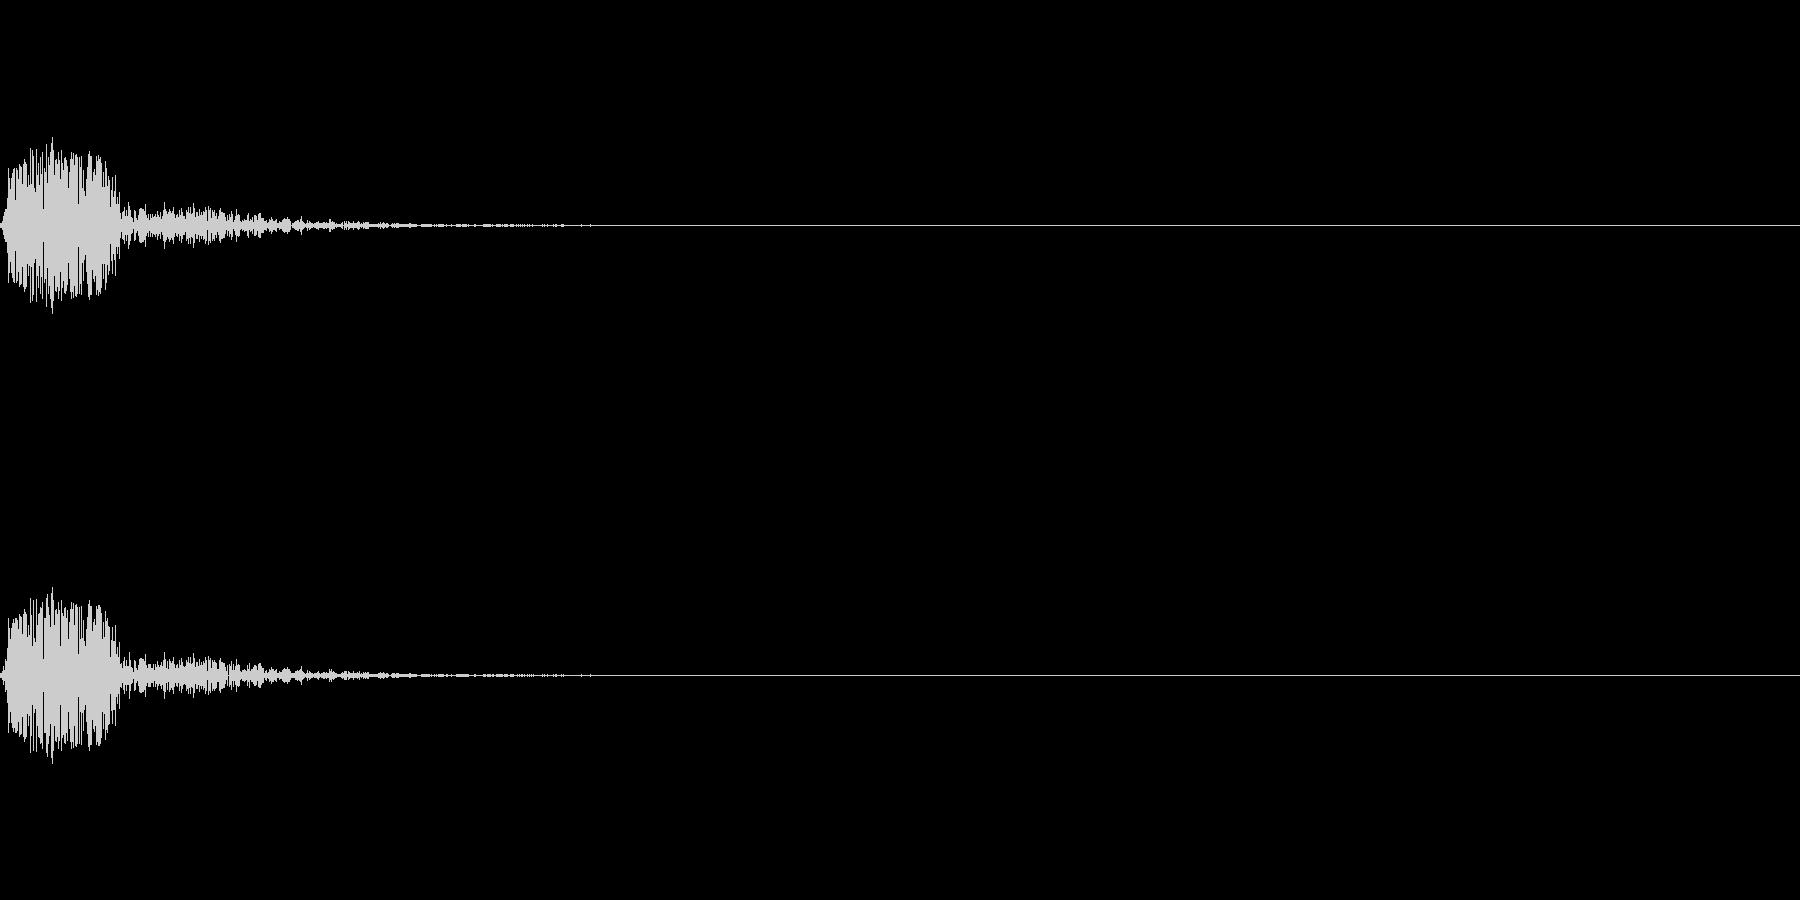 クリック音(カッ/チッ)の未再生の波形